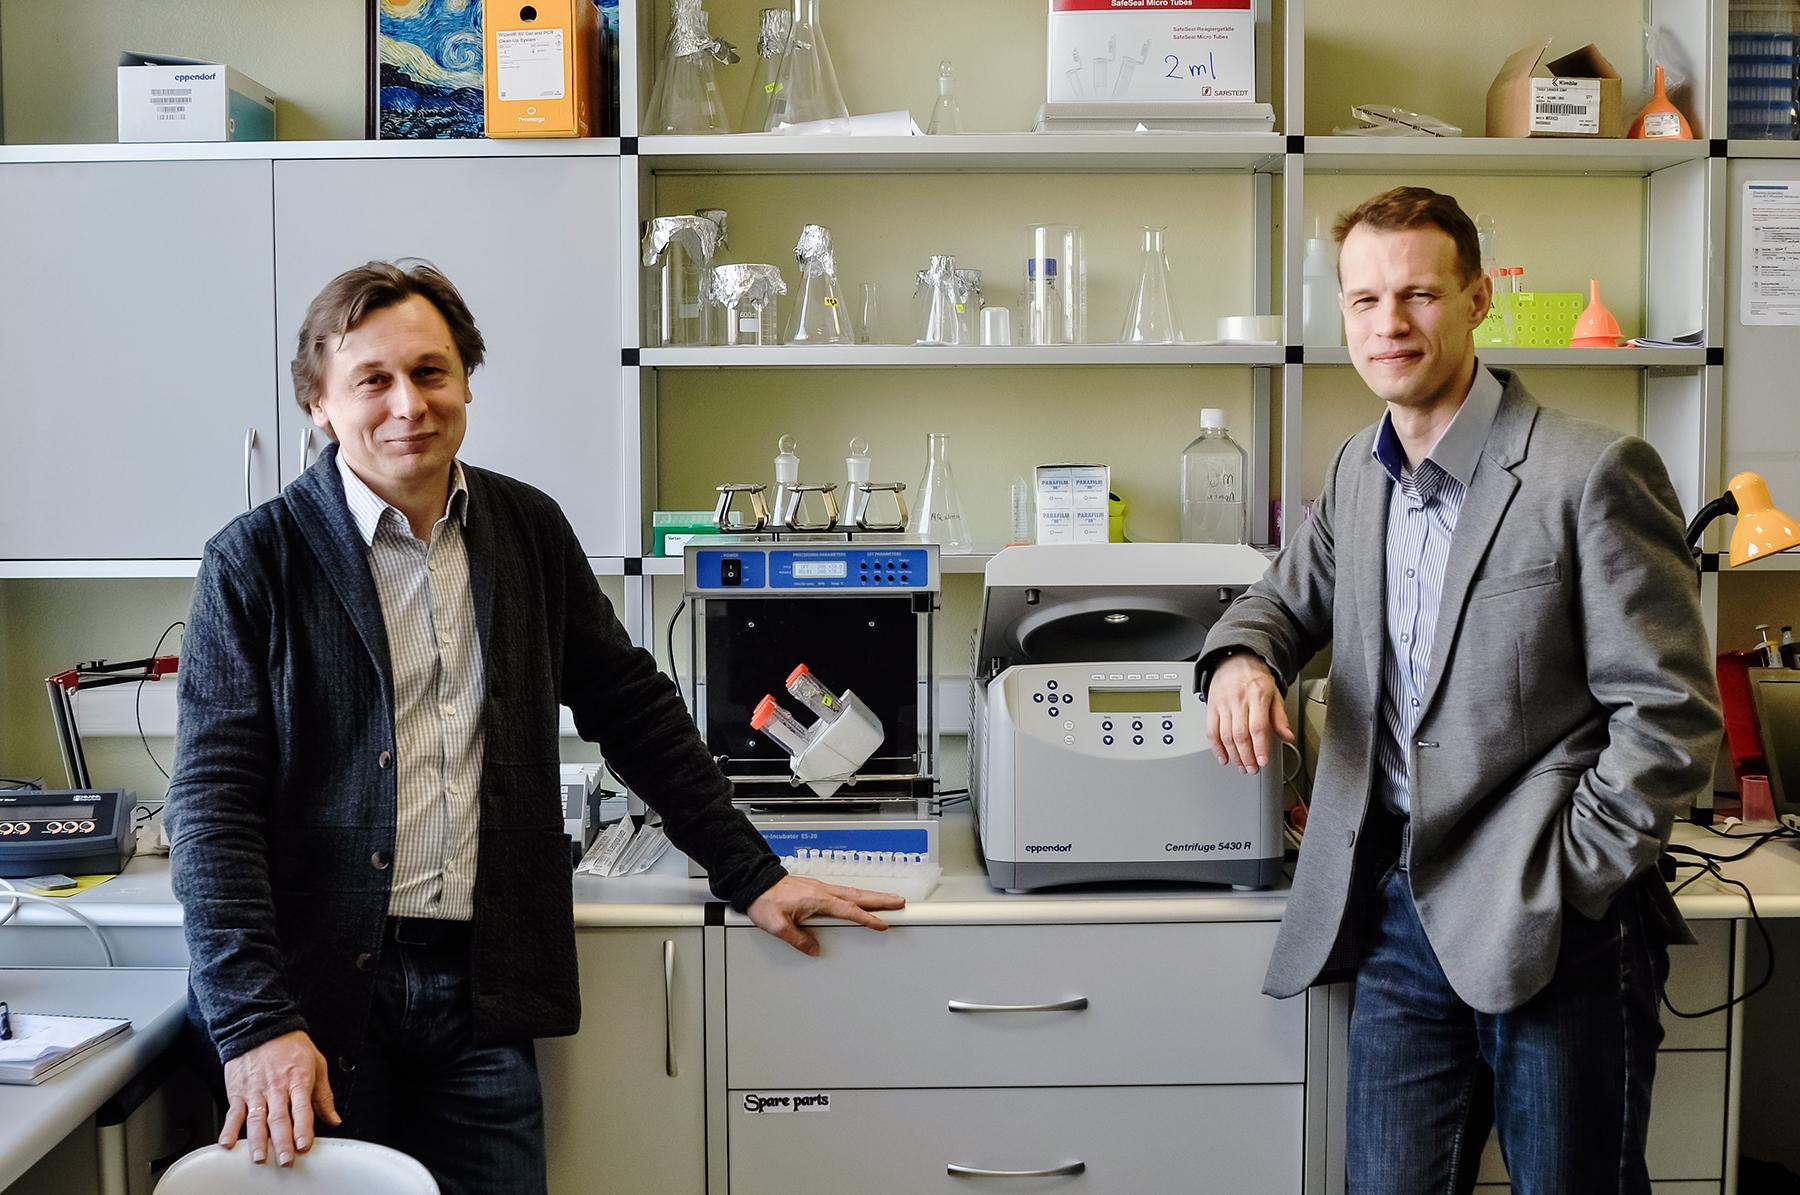 Соавторы работы Вадим Гладышев (слева) и Сергей Дмитриев (справа) в лаборатории.